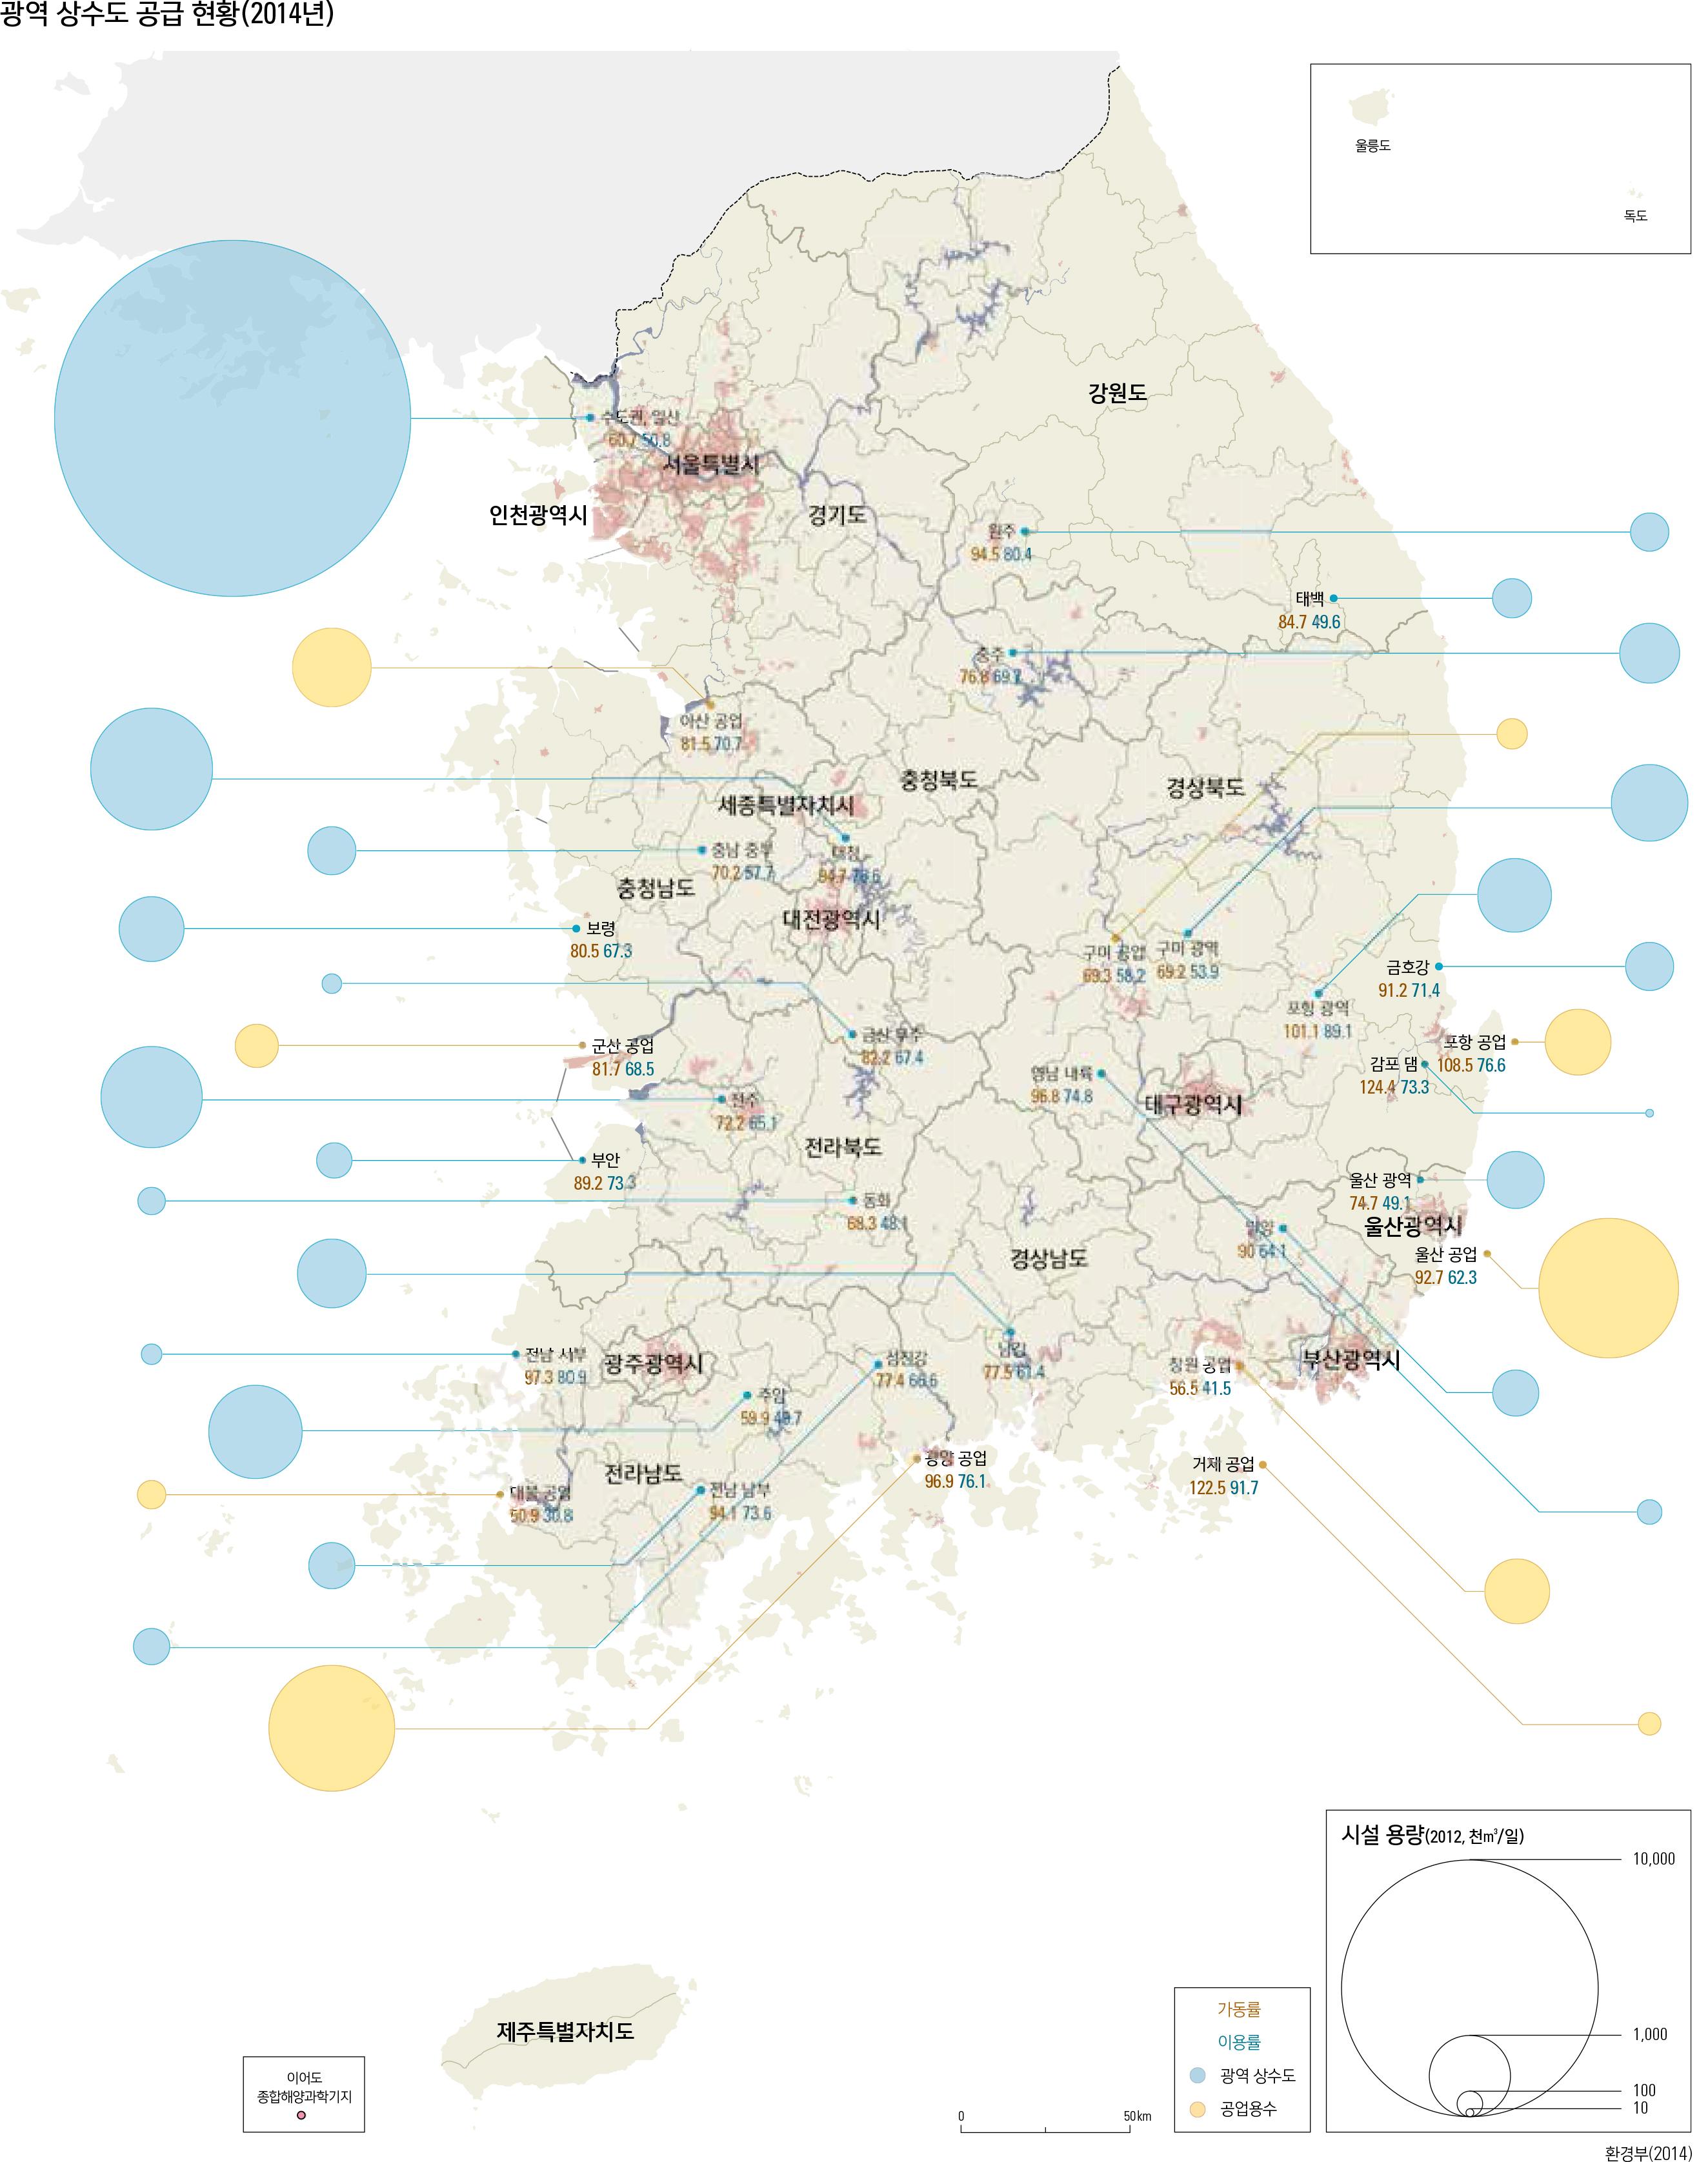 광역 상수도 공급 현황(2014년)